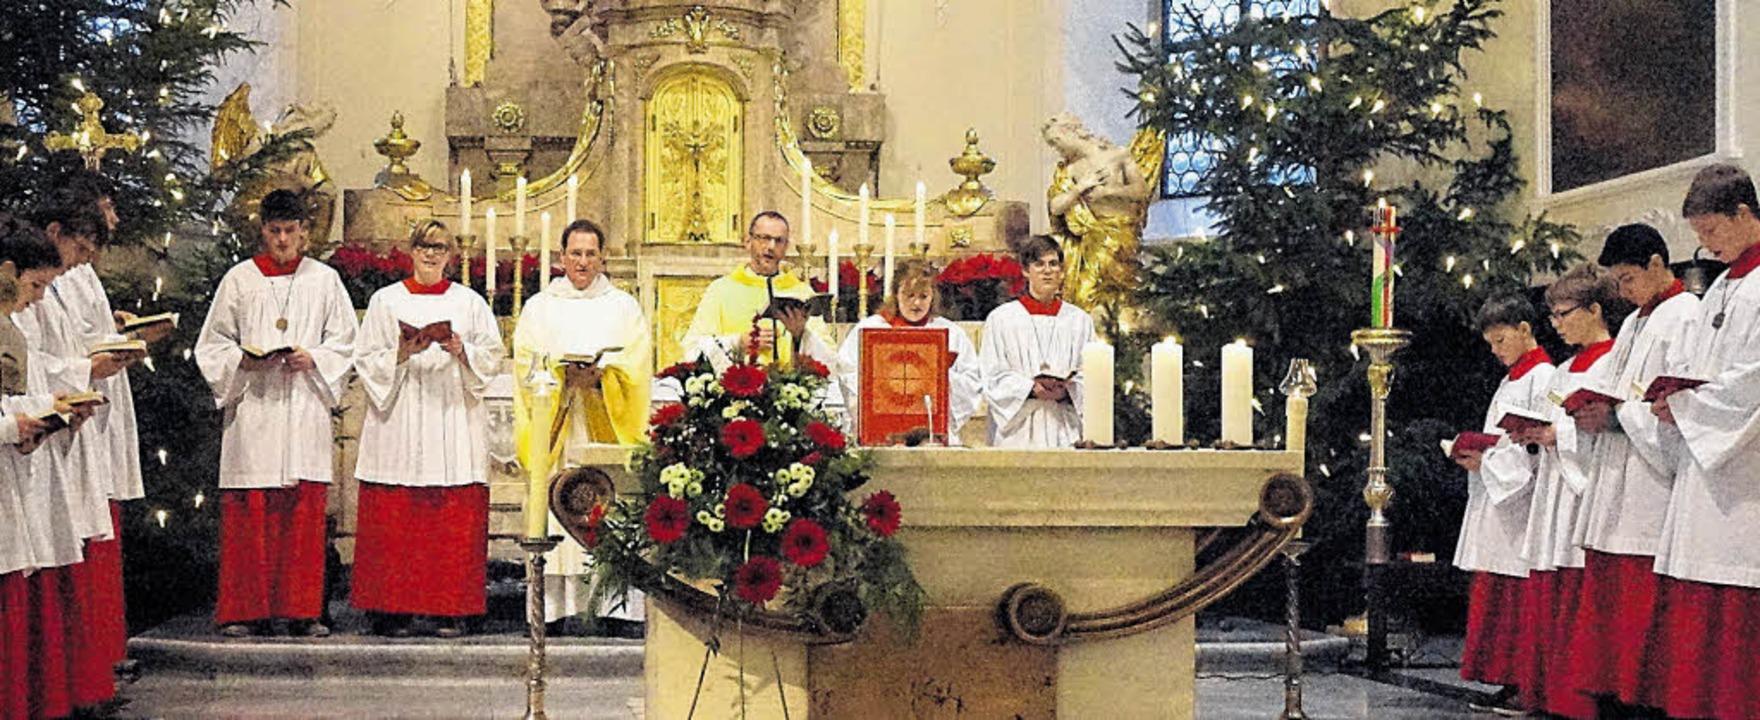 Pfarrer Ulrich Sickinger (Mitte rechts...chtstag in der Liebfrauen Pfarrkirche.  | Foto: Freudig